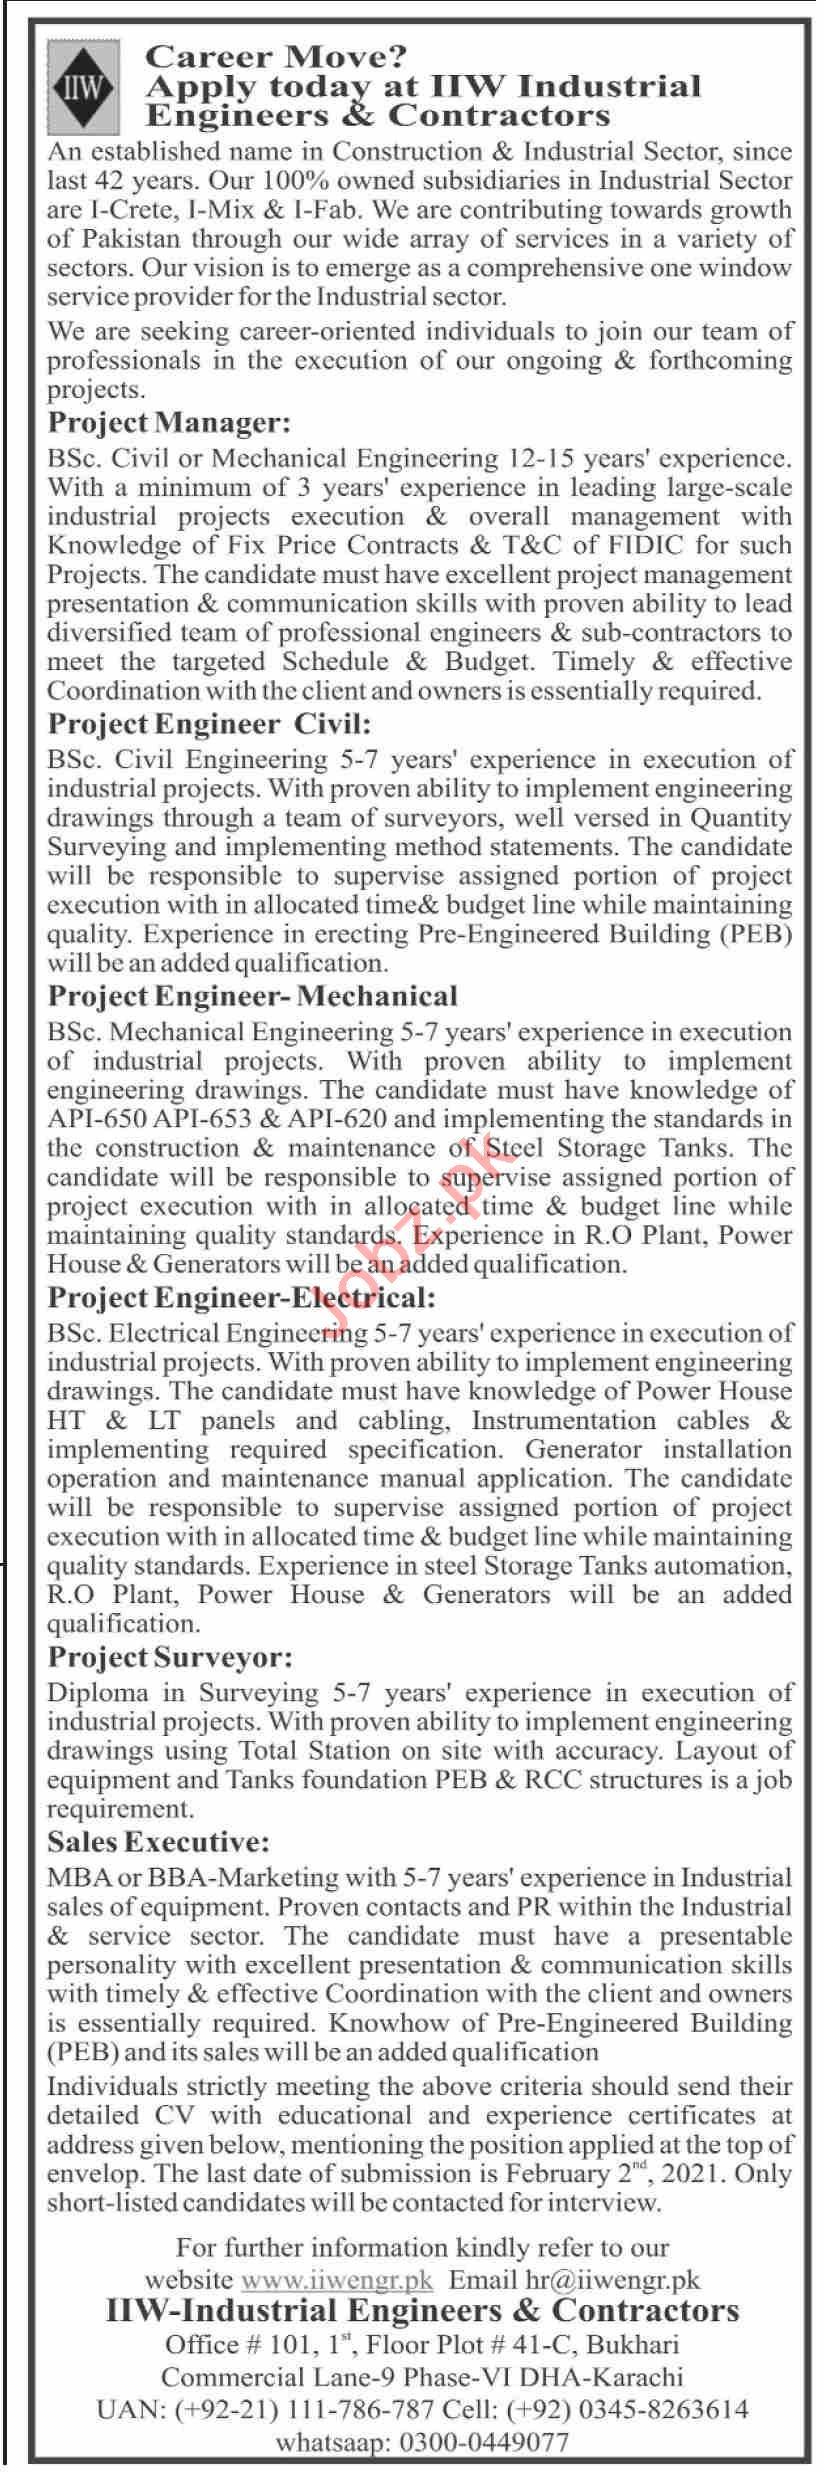 IIW Industrial Engineers & Contractors Karachi Jobs 2021